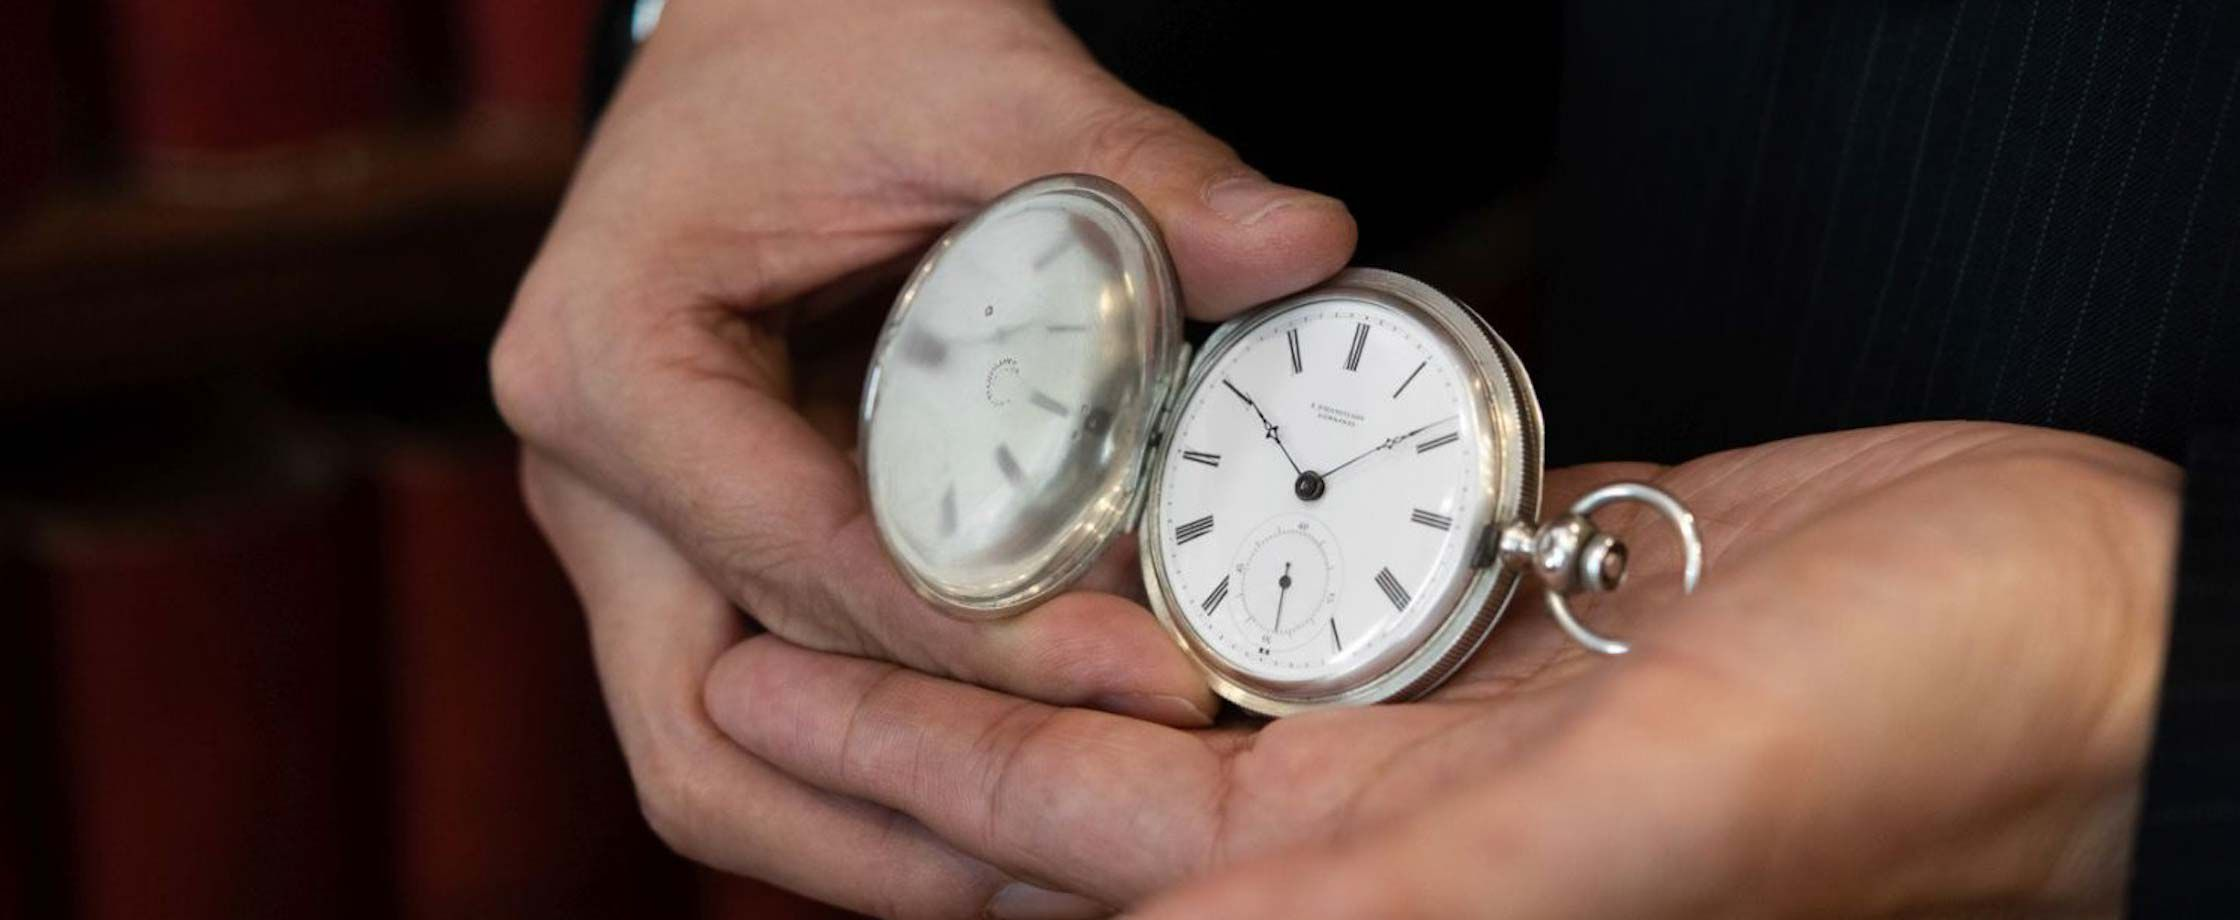 迄今为止最古老的浪琴表被发现